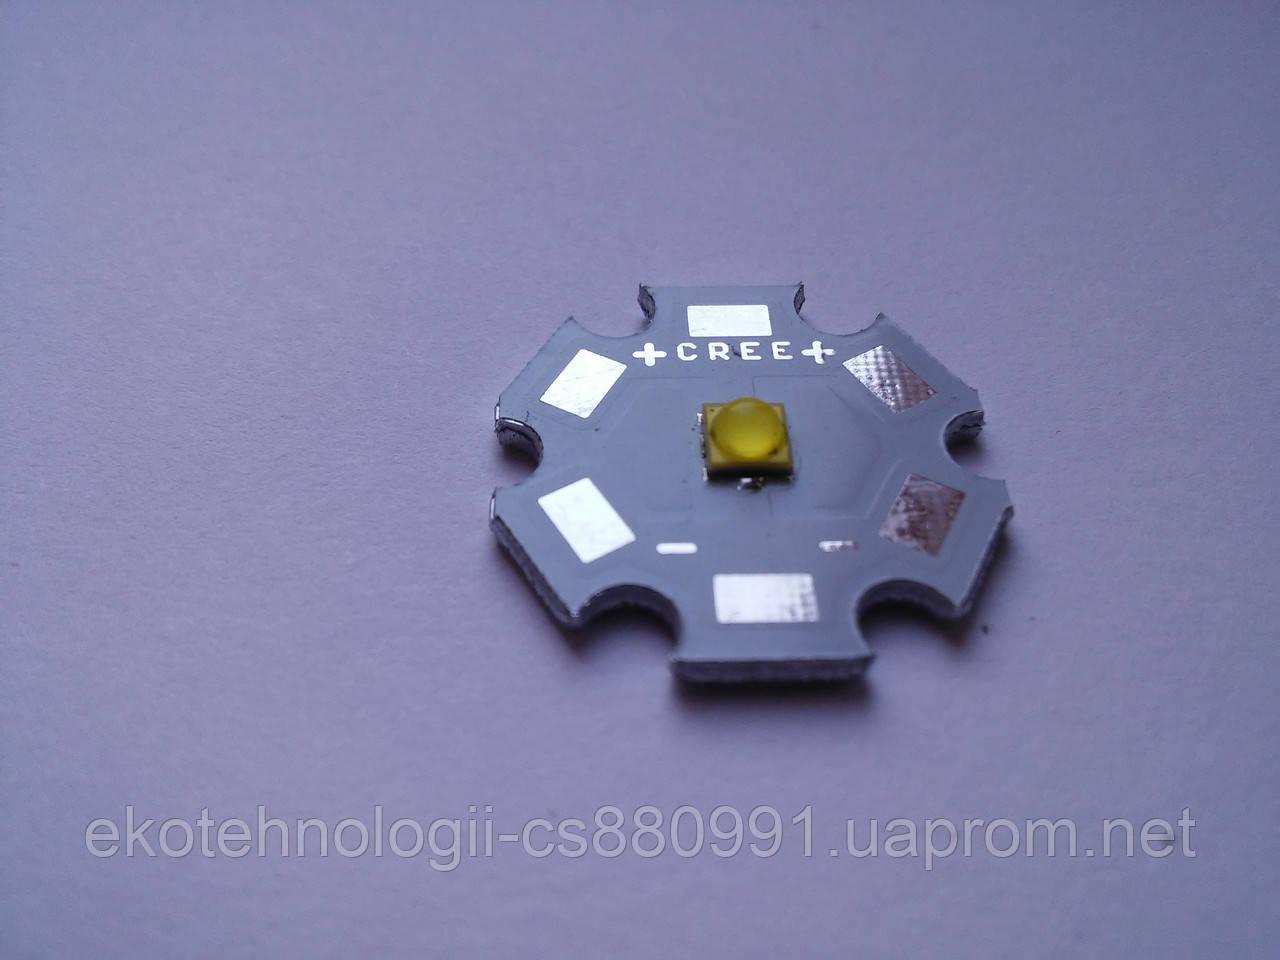 Мощный светодиод 3W 35х35 cверхяркий теплый белый 260-280LM